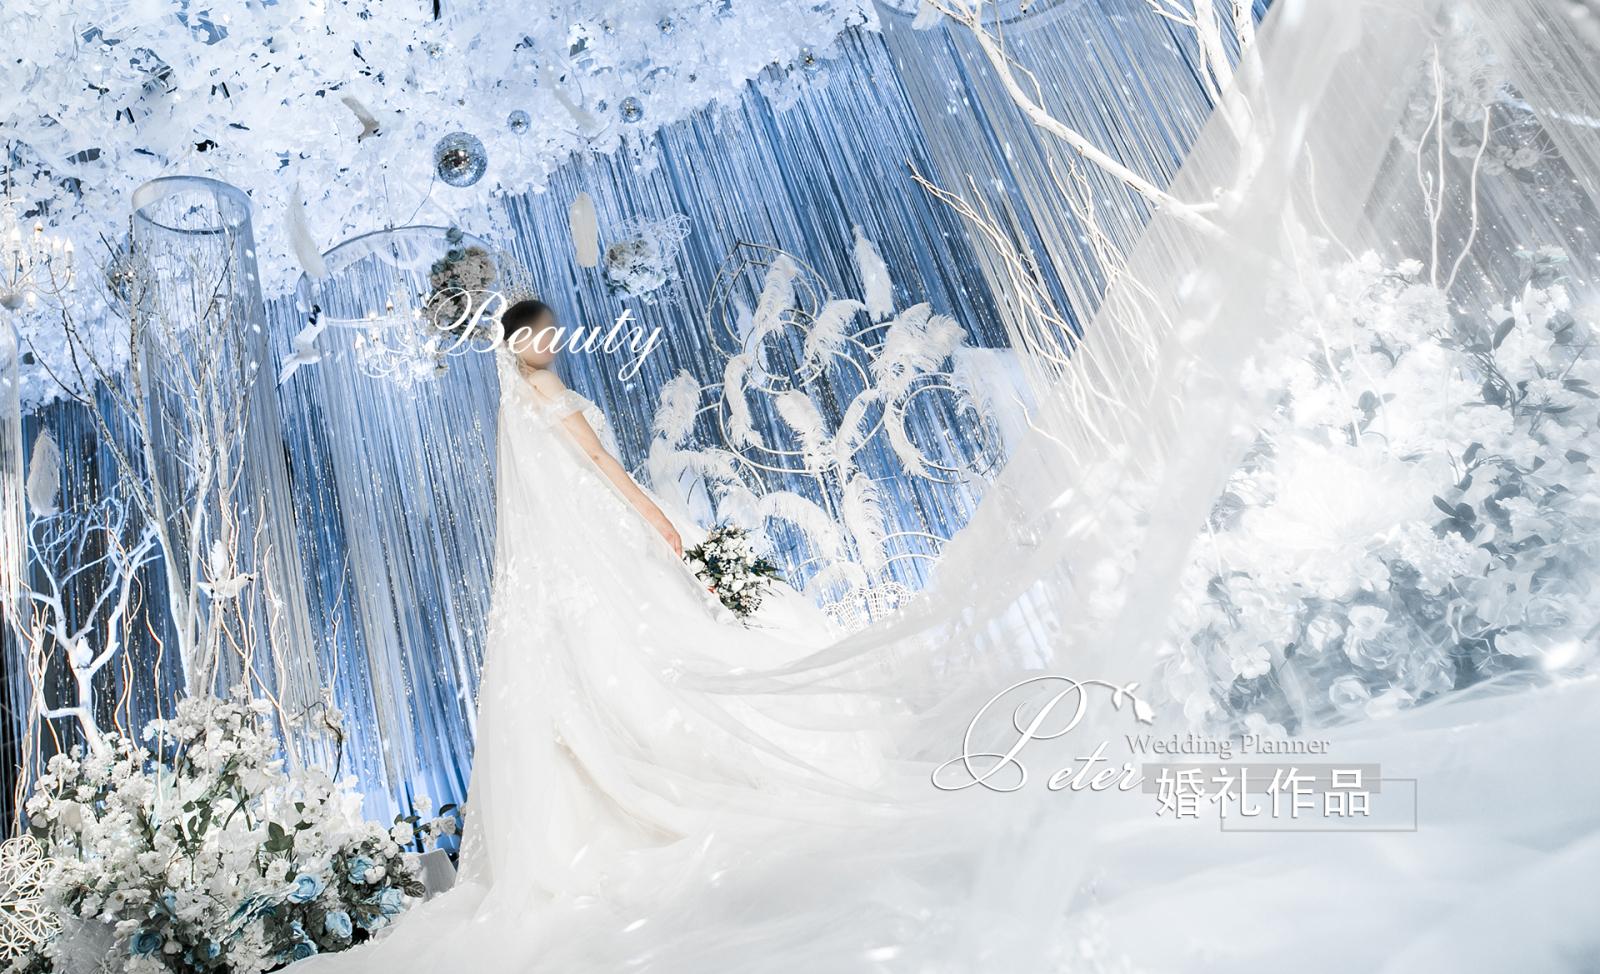 《My Wonderland》-也许是冥冥之中契约的相引,你我才能相遇。原本那些关于爱的空白记忆,从此被你我印染,留下深深浅浅的彩色记忆。佛曰:不可说,真爱不可言说,却印刻与心!